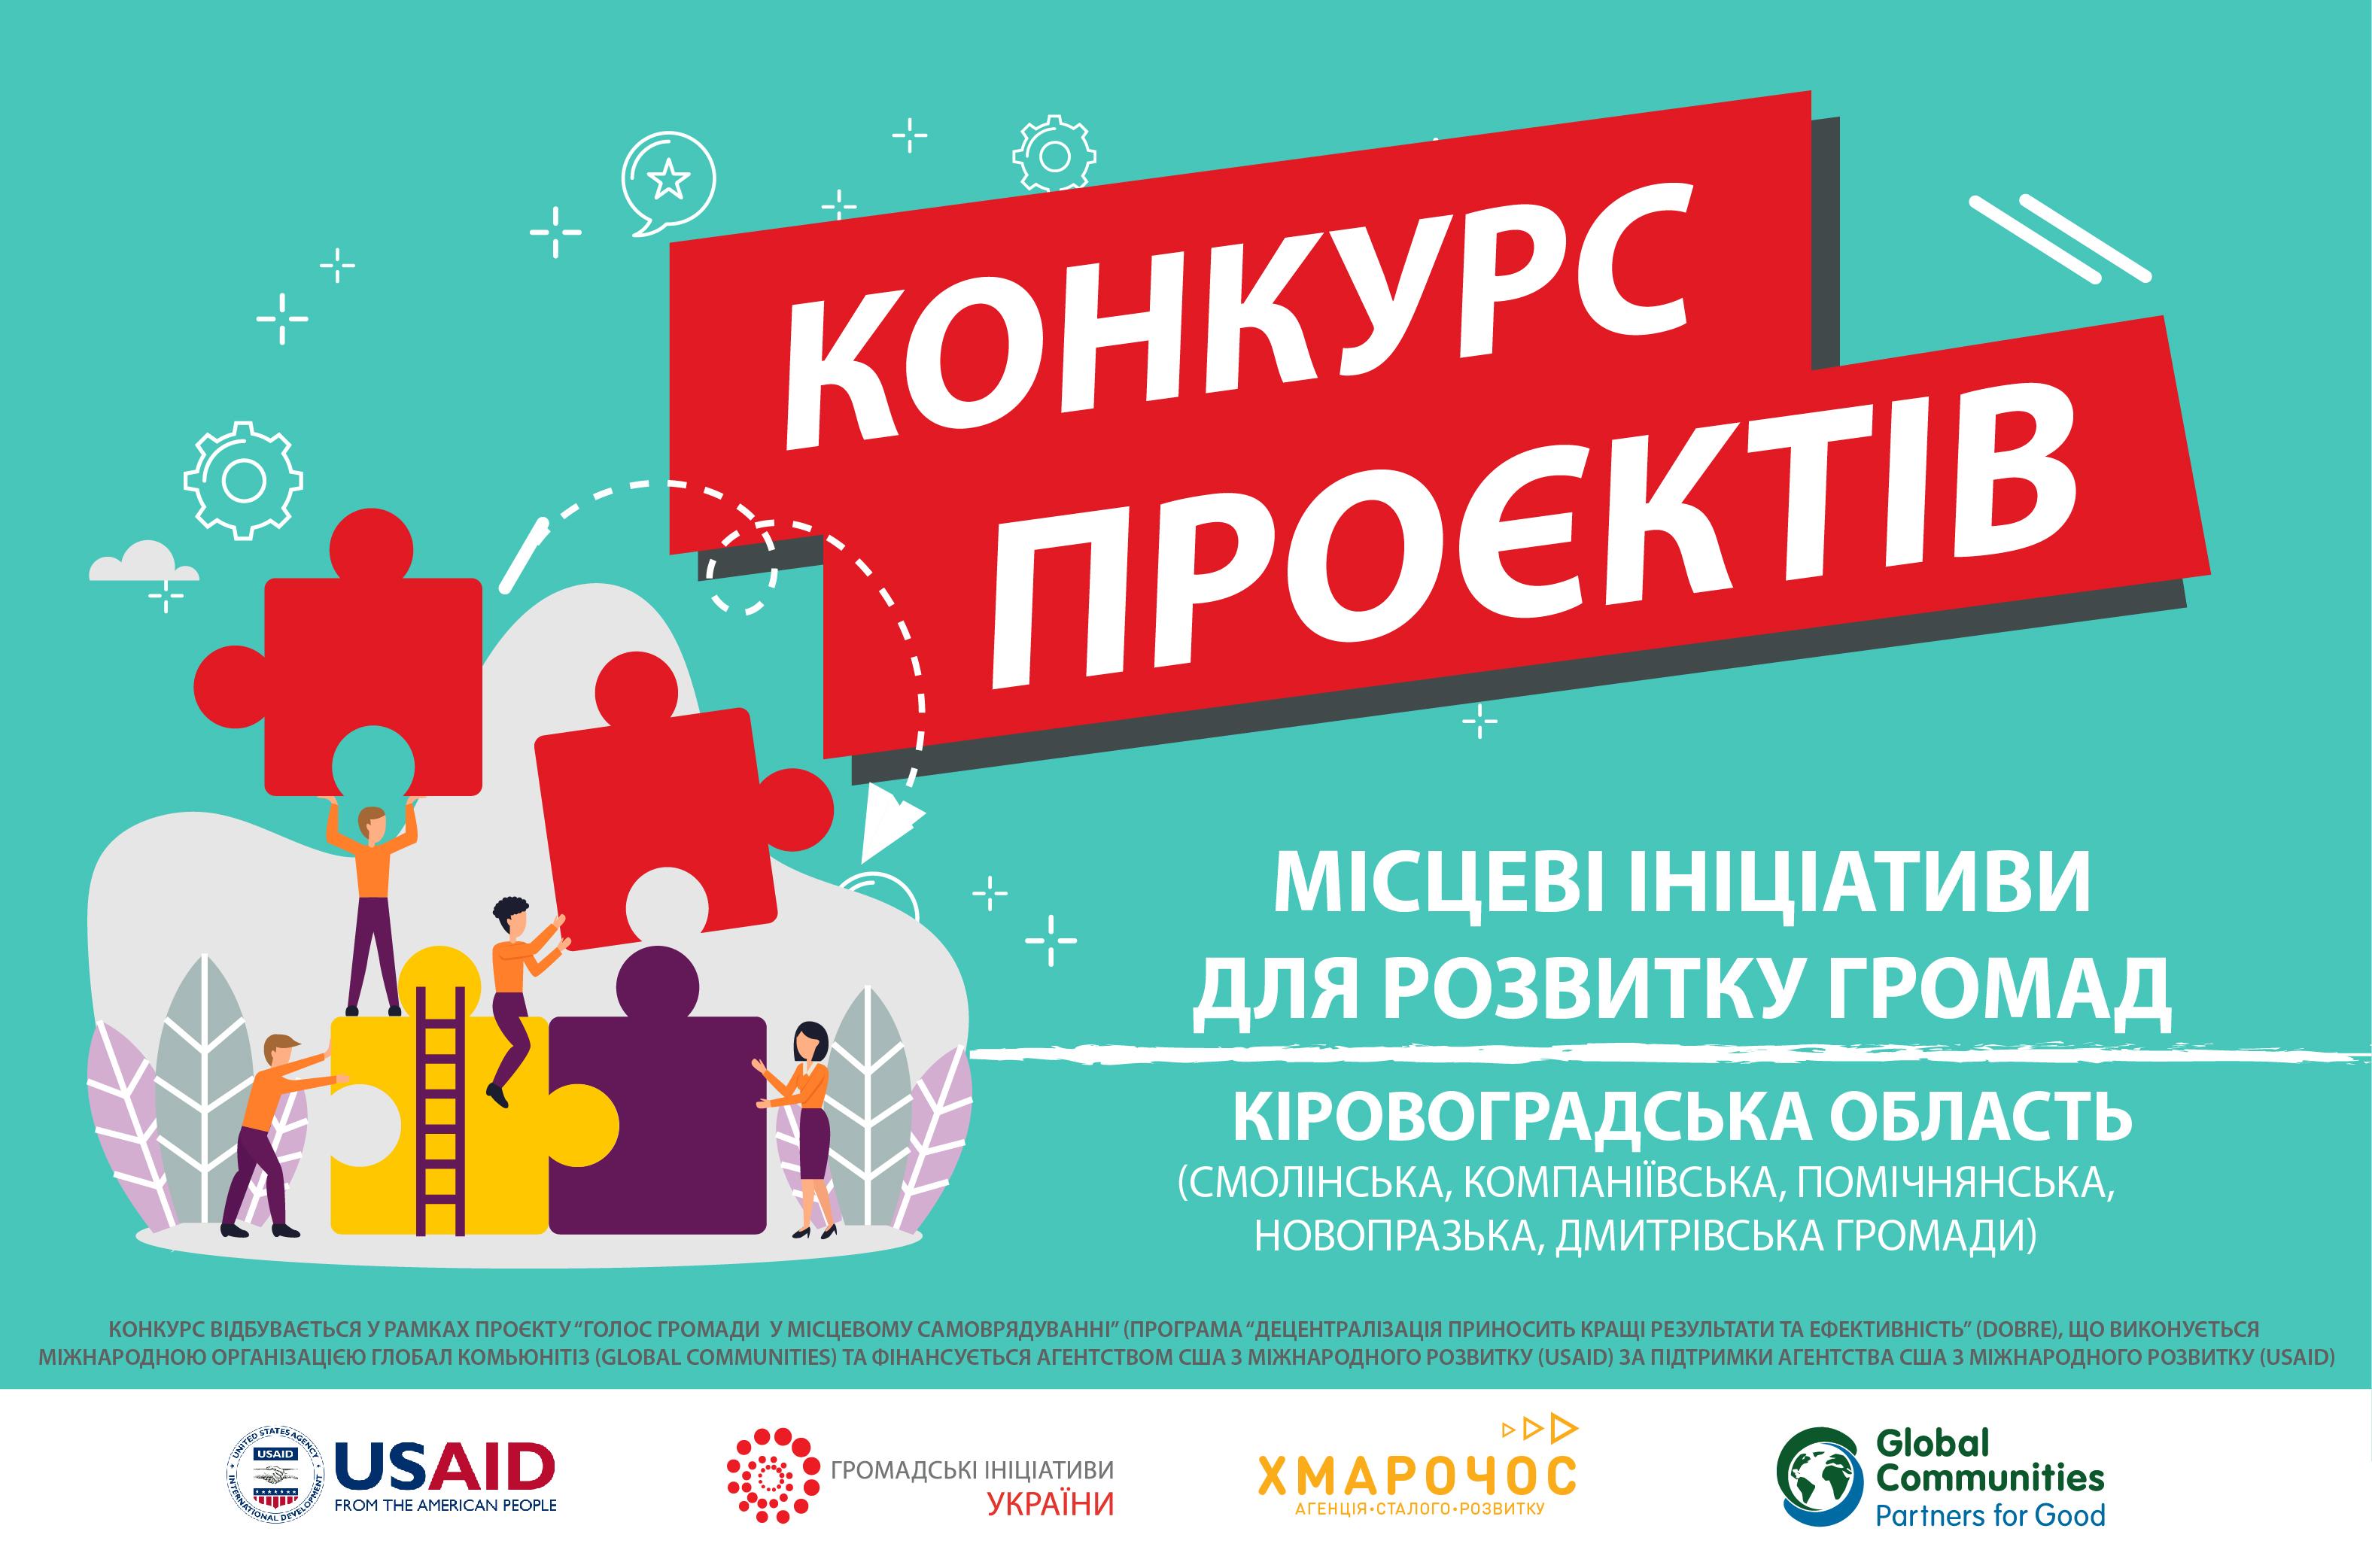 Спілка «Громадські ініціативи України» оголошує третій конкурс проектів «Місцеві ініціативи для розвитку громад» у Кіровоградській області